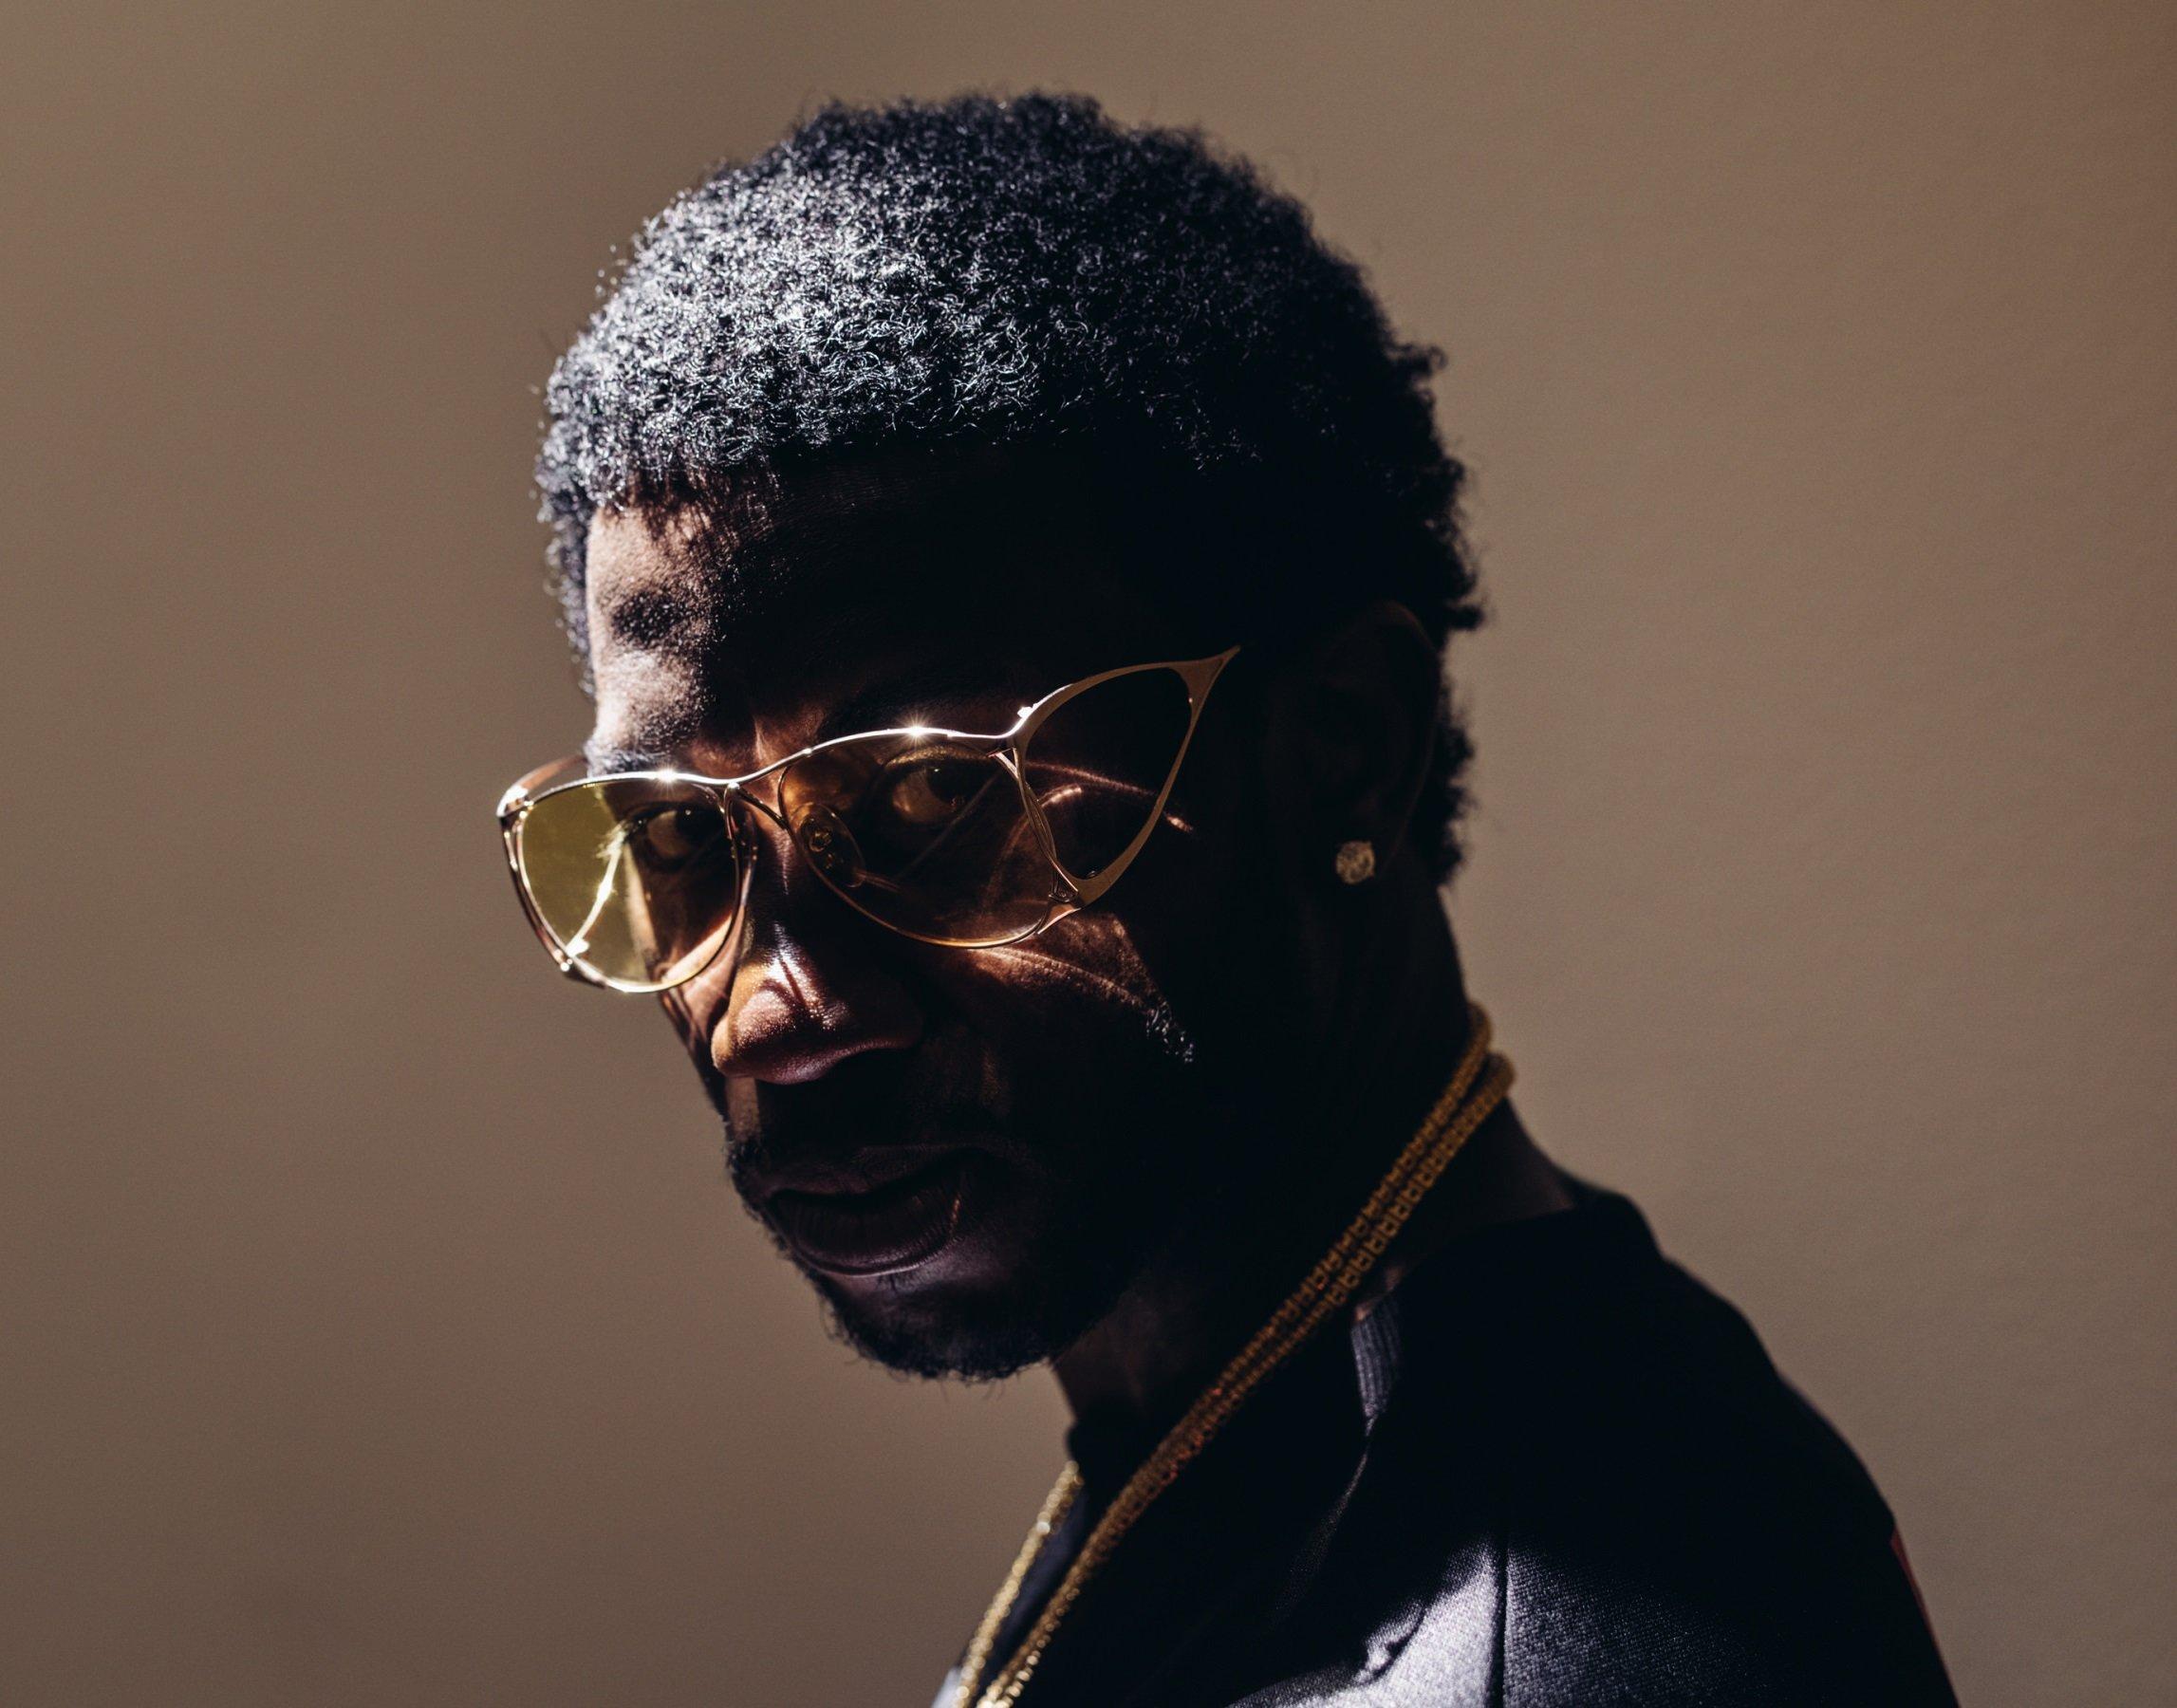 d8db3a1b2f7a Gucci Mane - Half A Brick Lyrics